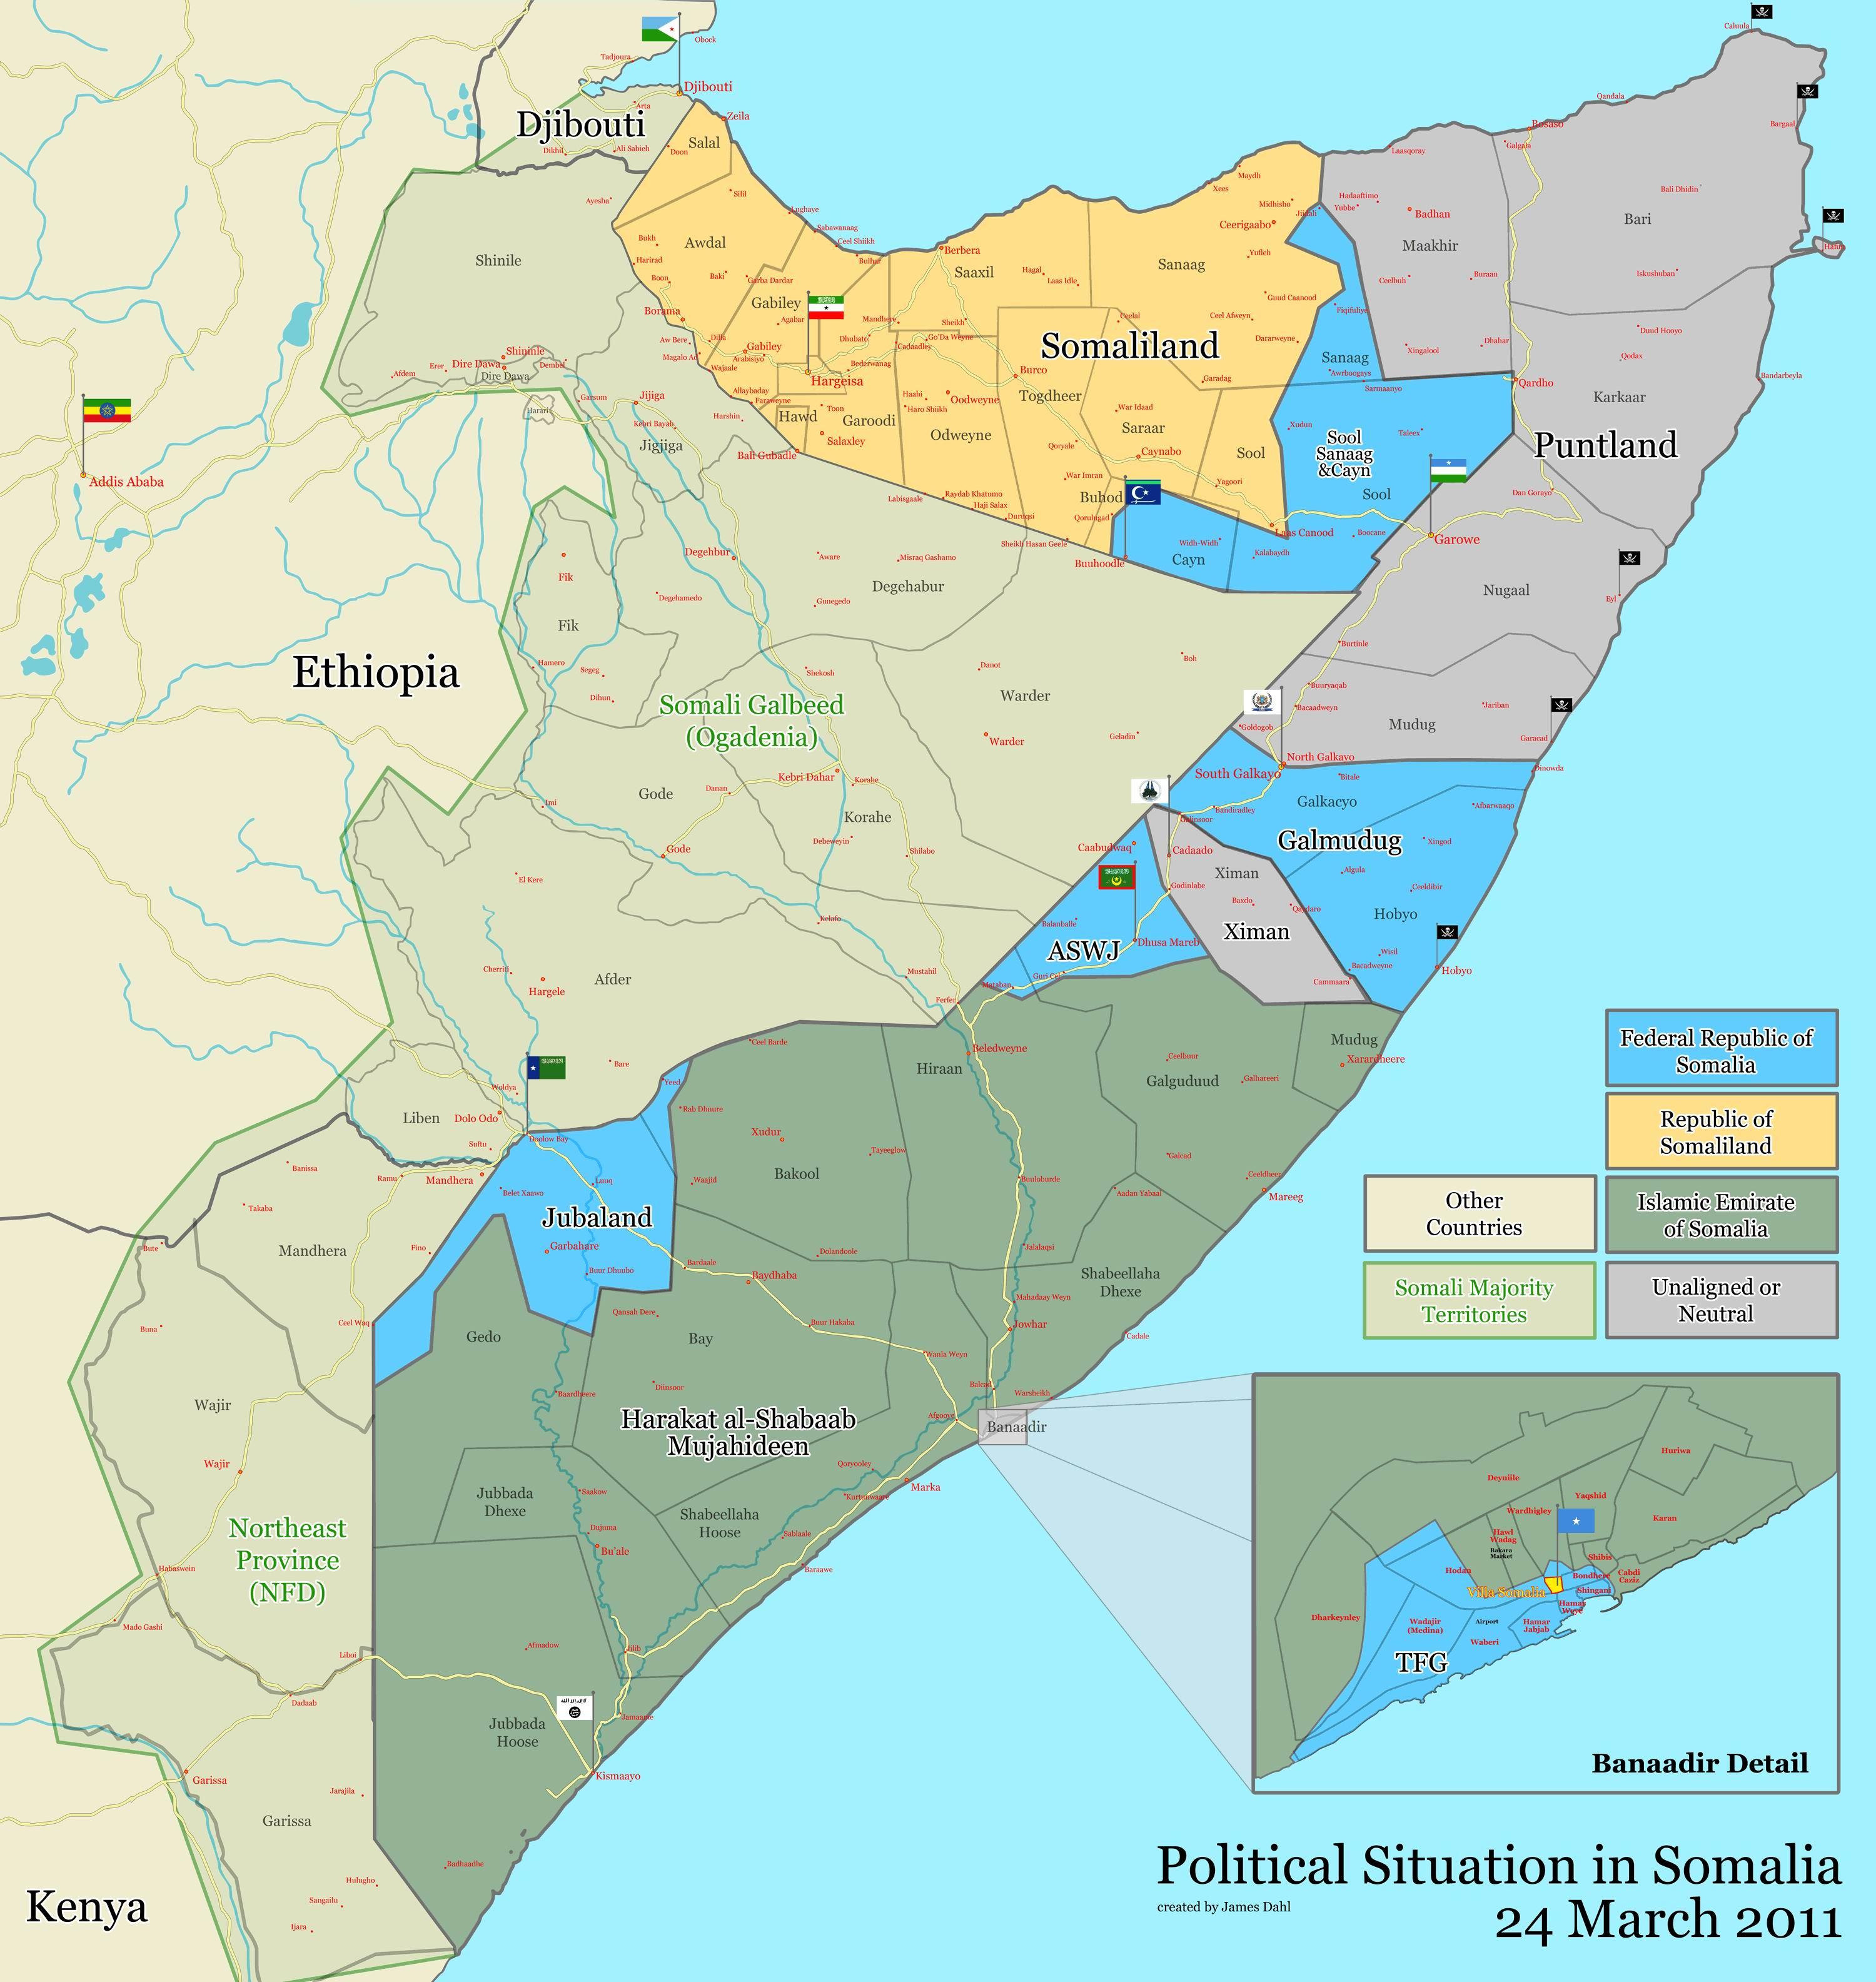 Somalia maps